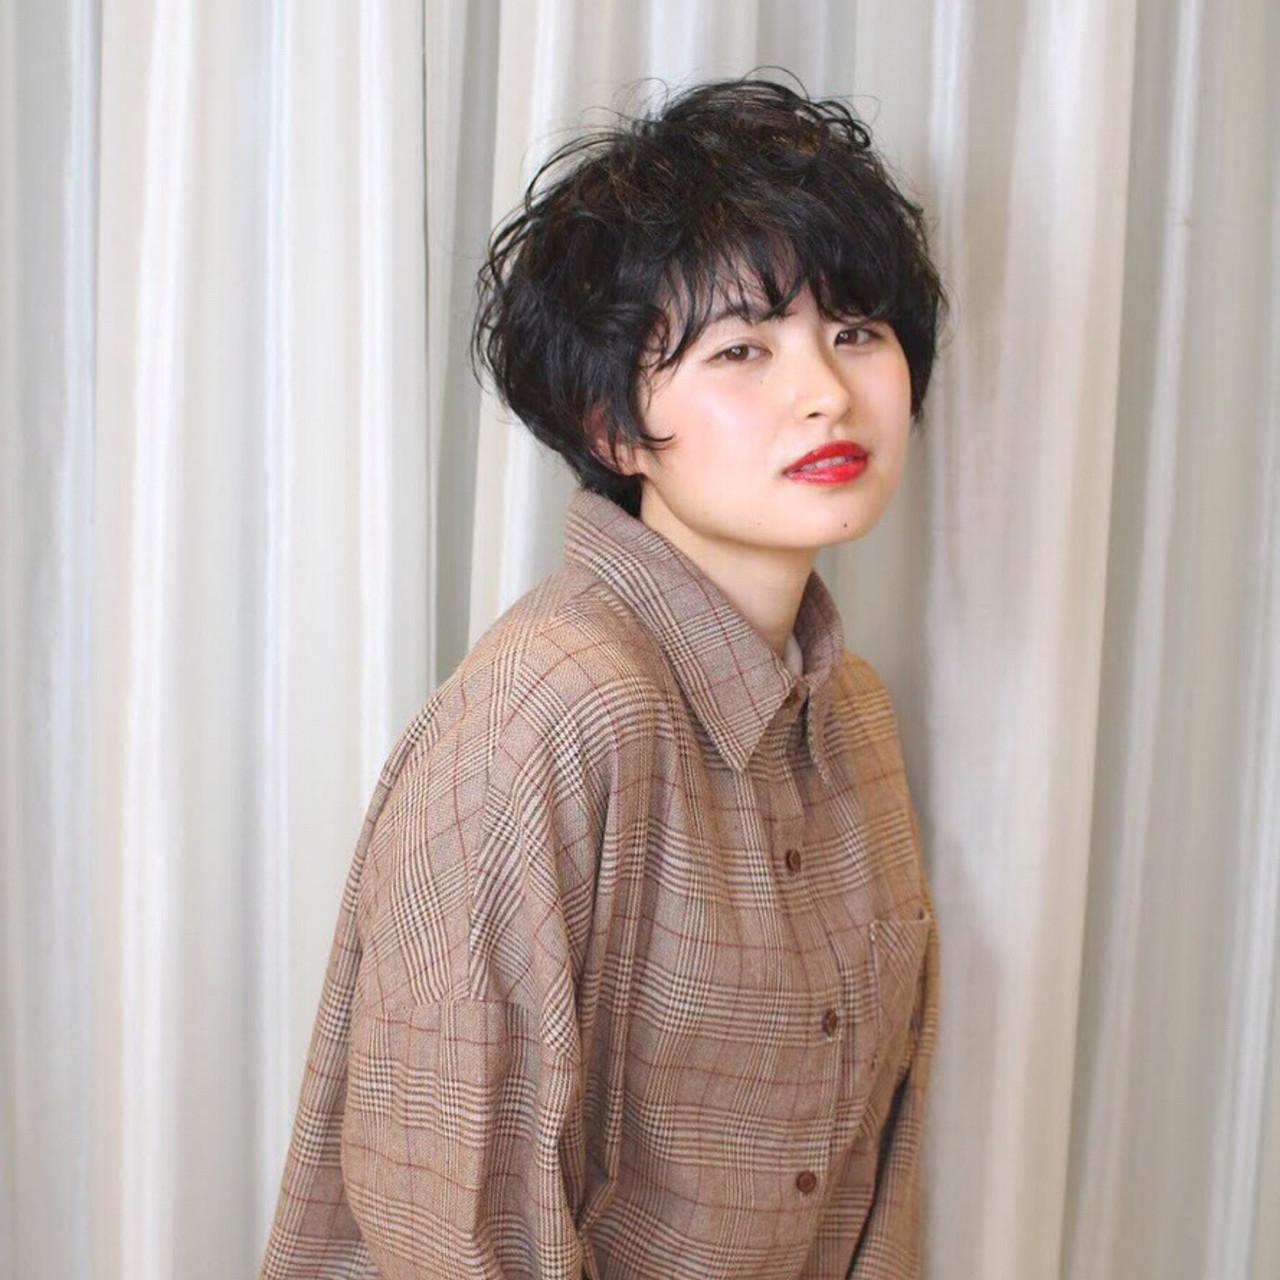 ショート パーマ 暗髪 ナチュラル ヘアスタイルや髪型の写真・画像 | Reina /